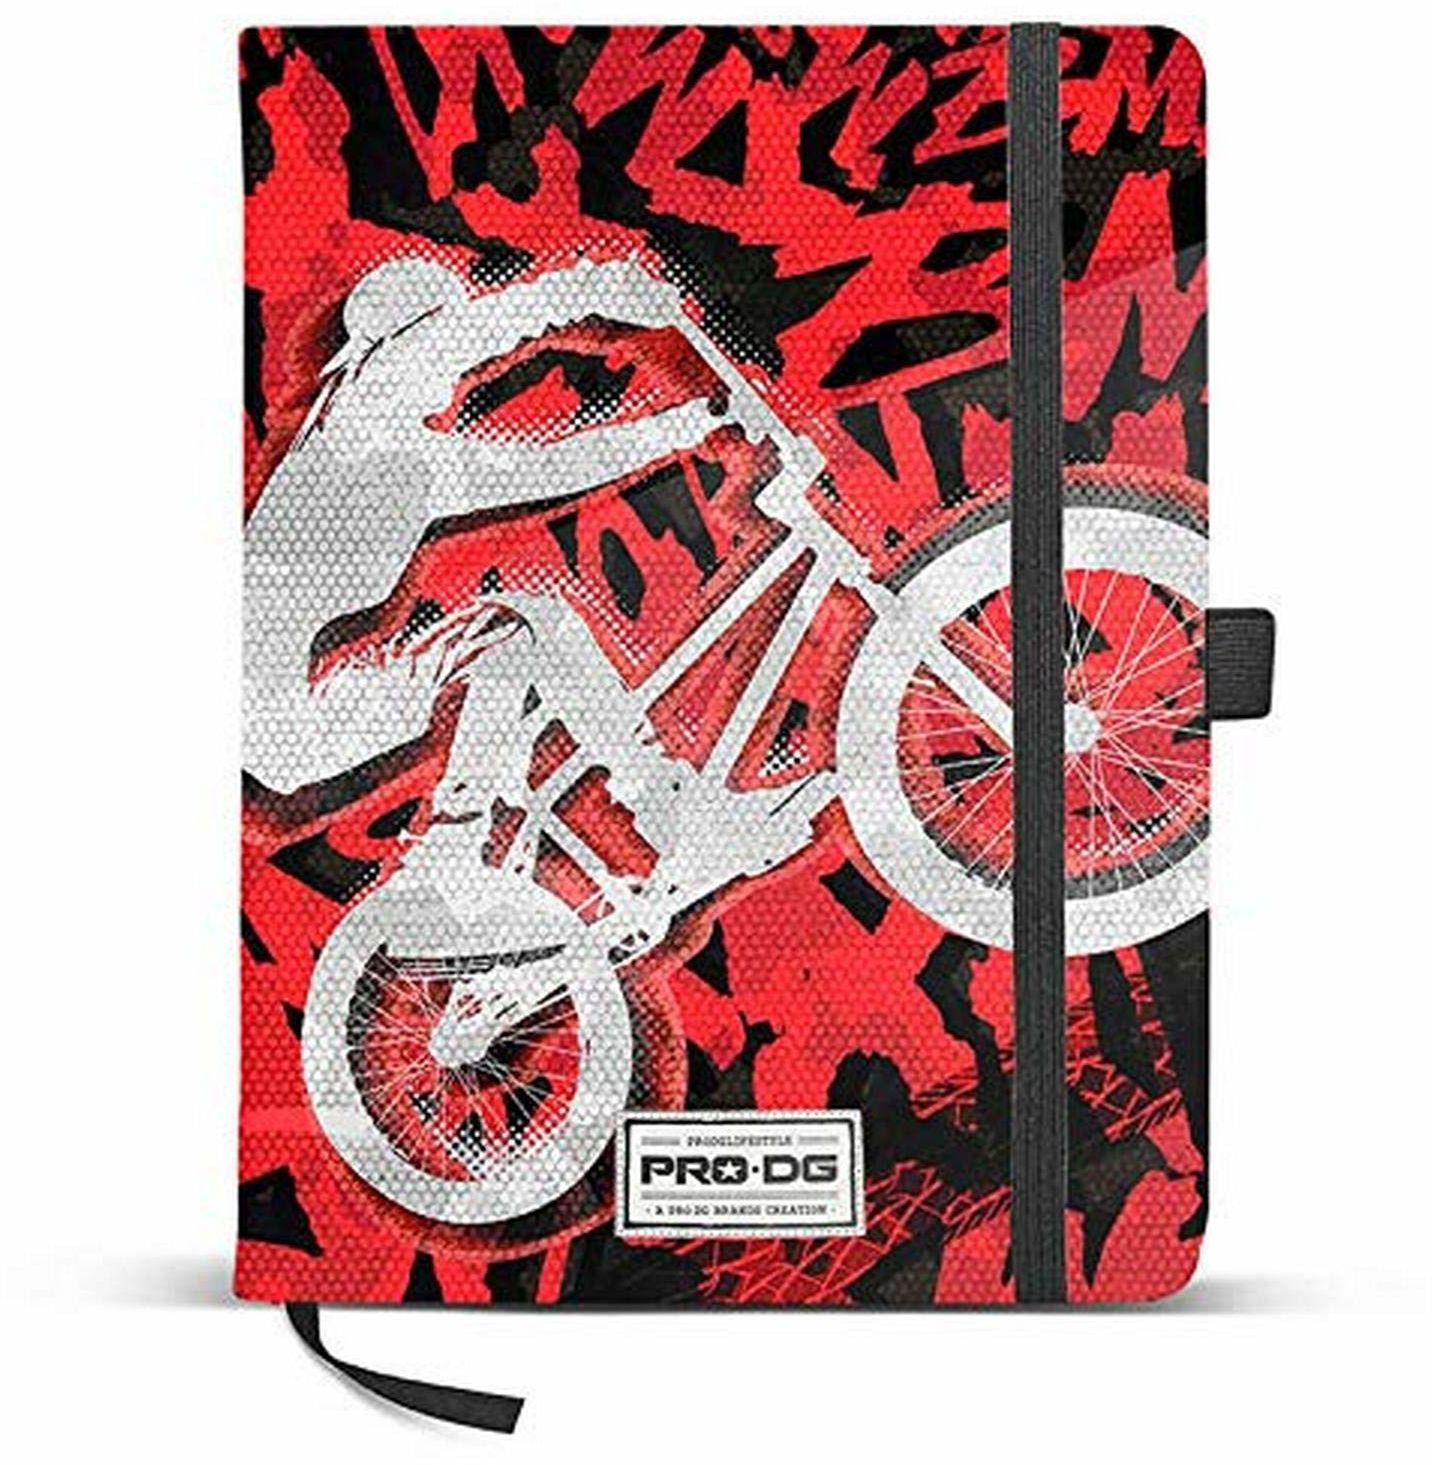 PRODG PRODG Diary 13 x 21 cm Backflip uchwyt do torebki, 21 cm, wielokolorowy (Multicolored)